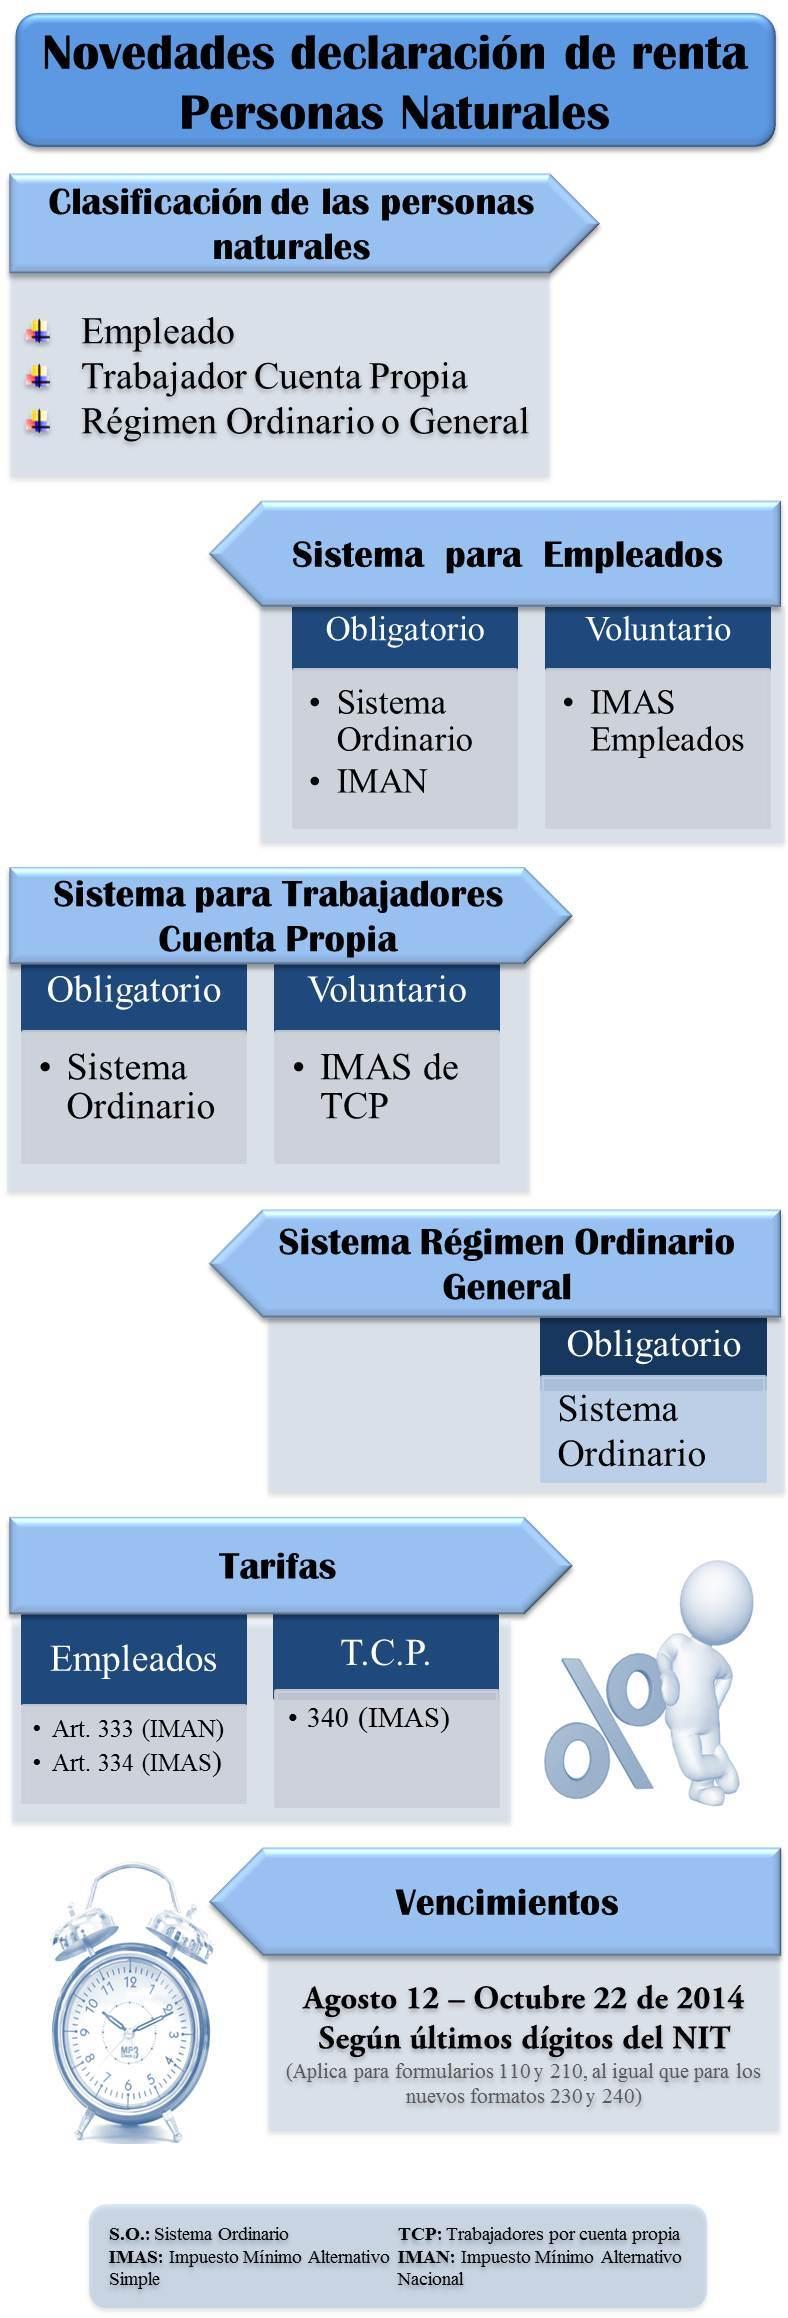 Novedades en declaración de renta con Ley 1607 de 2012